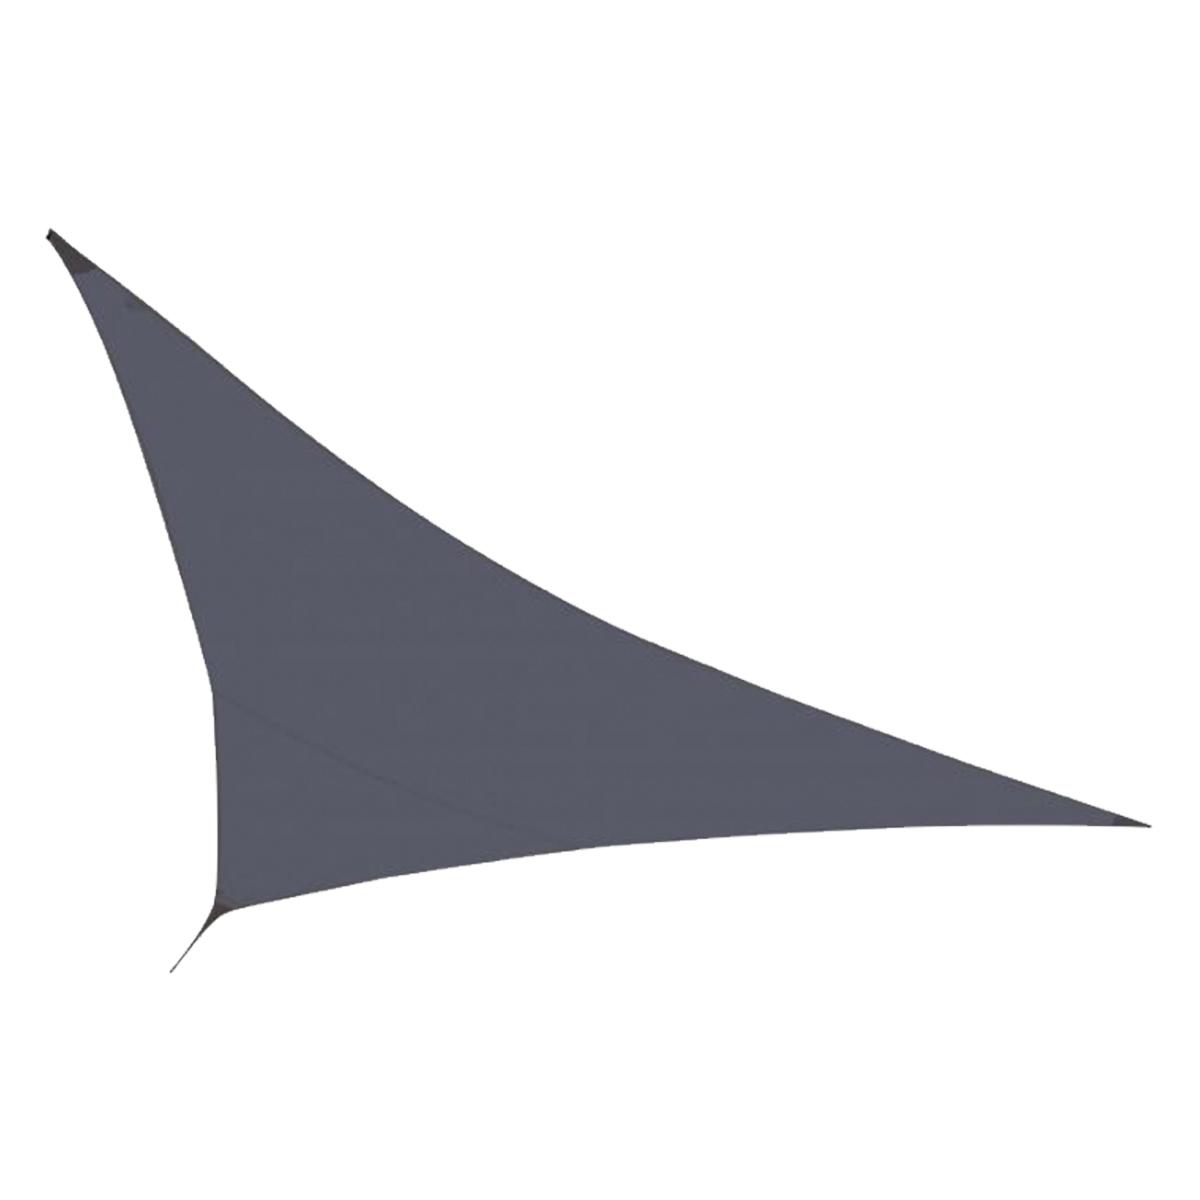 Voile d'ombrage Gris 350 x 350 x 340 cm